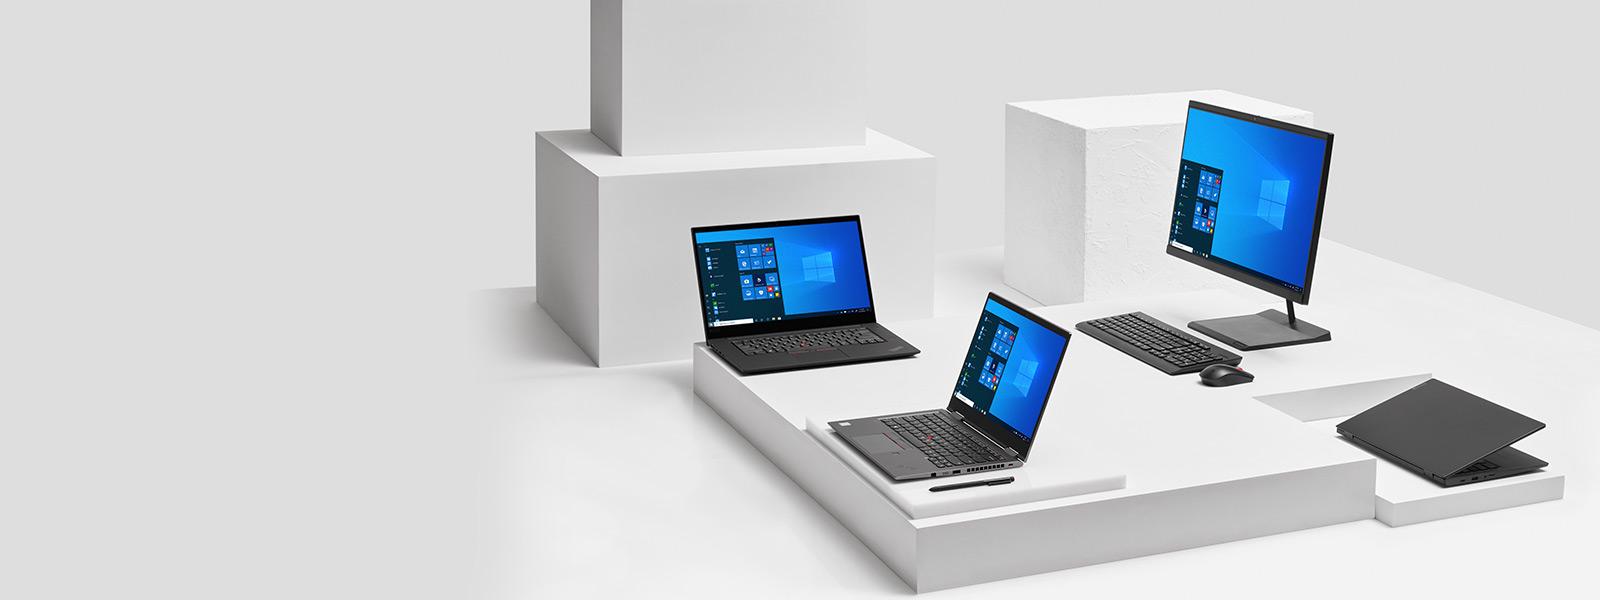 Lenovo-familj av enheter med Windows 10 Pro-startskärmar